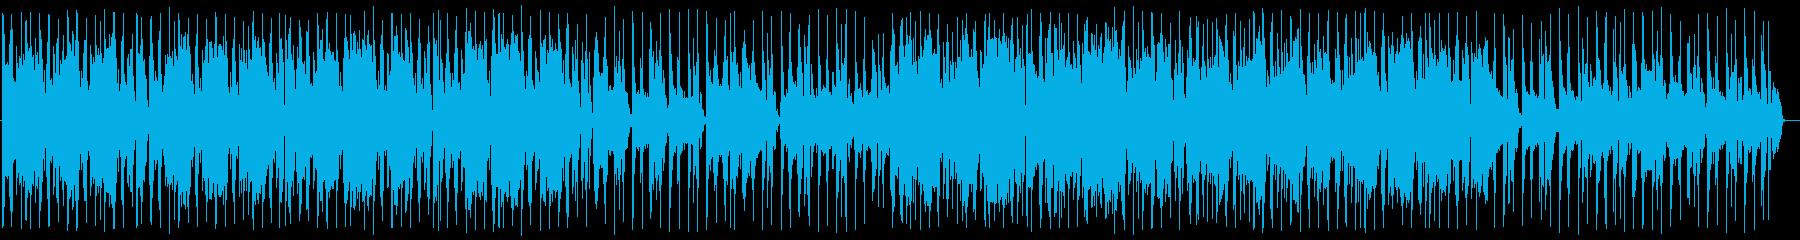 怪しい/生演奏/R&B_No540の再生済みの波形